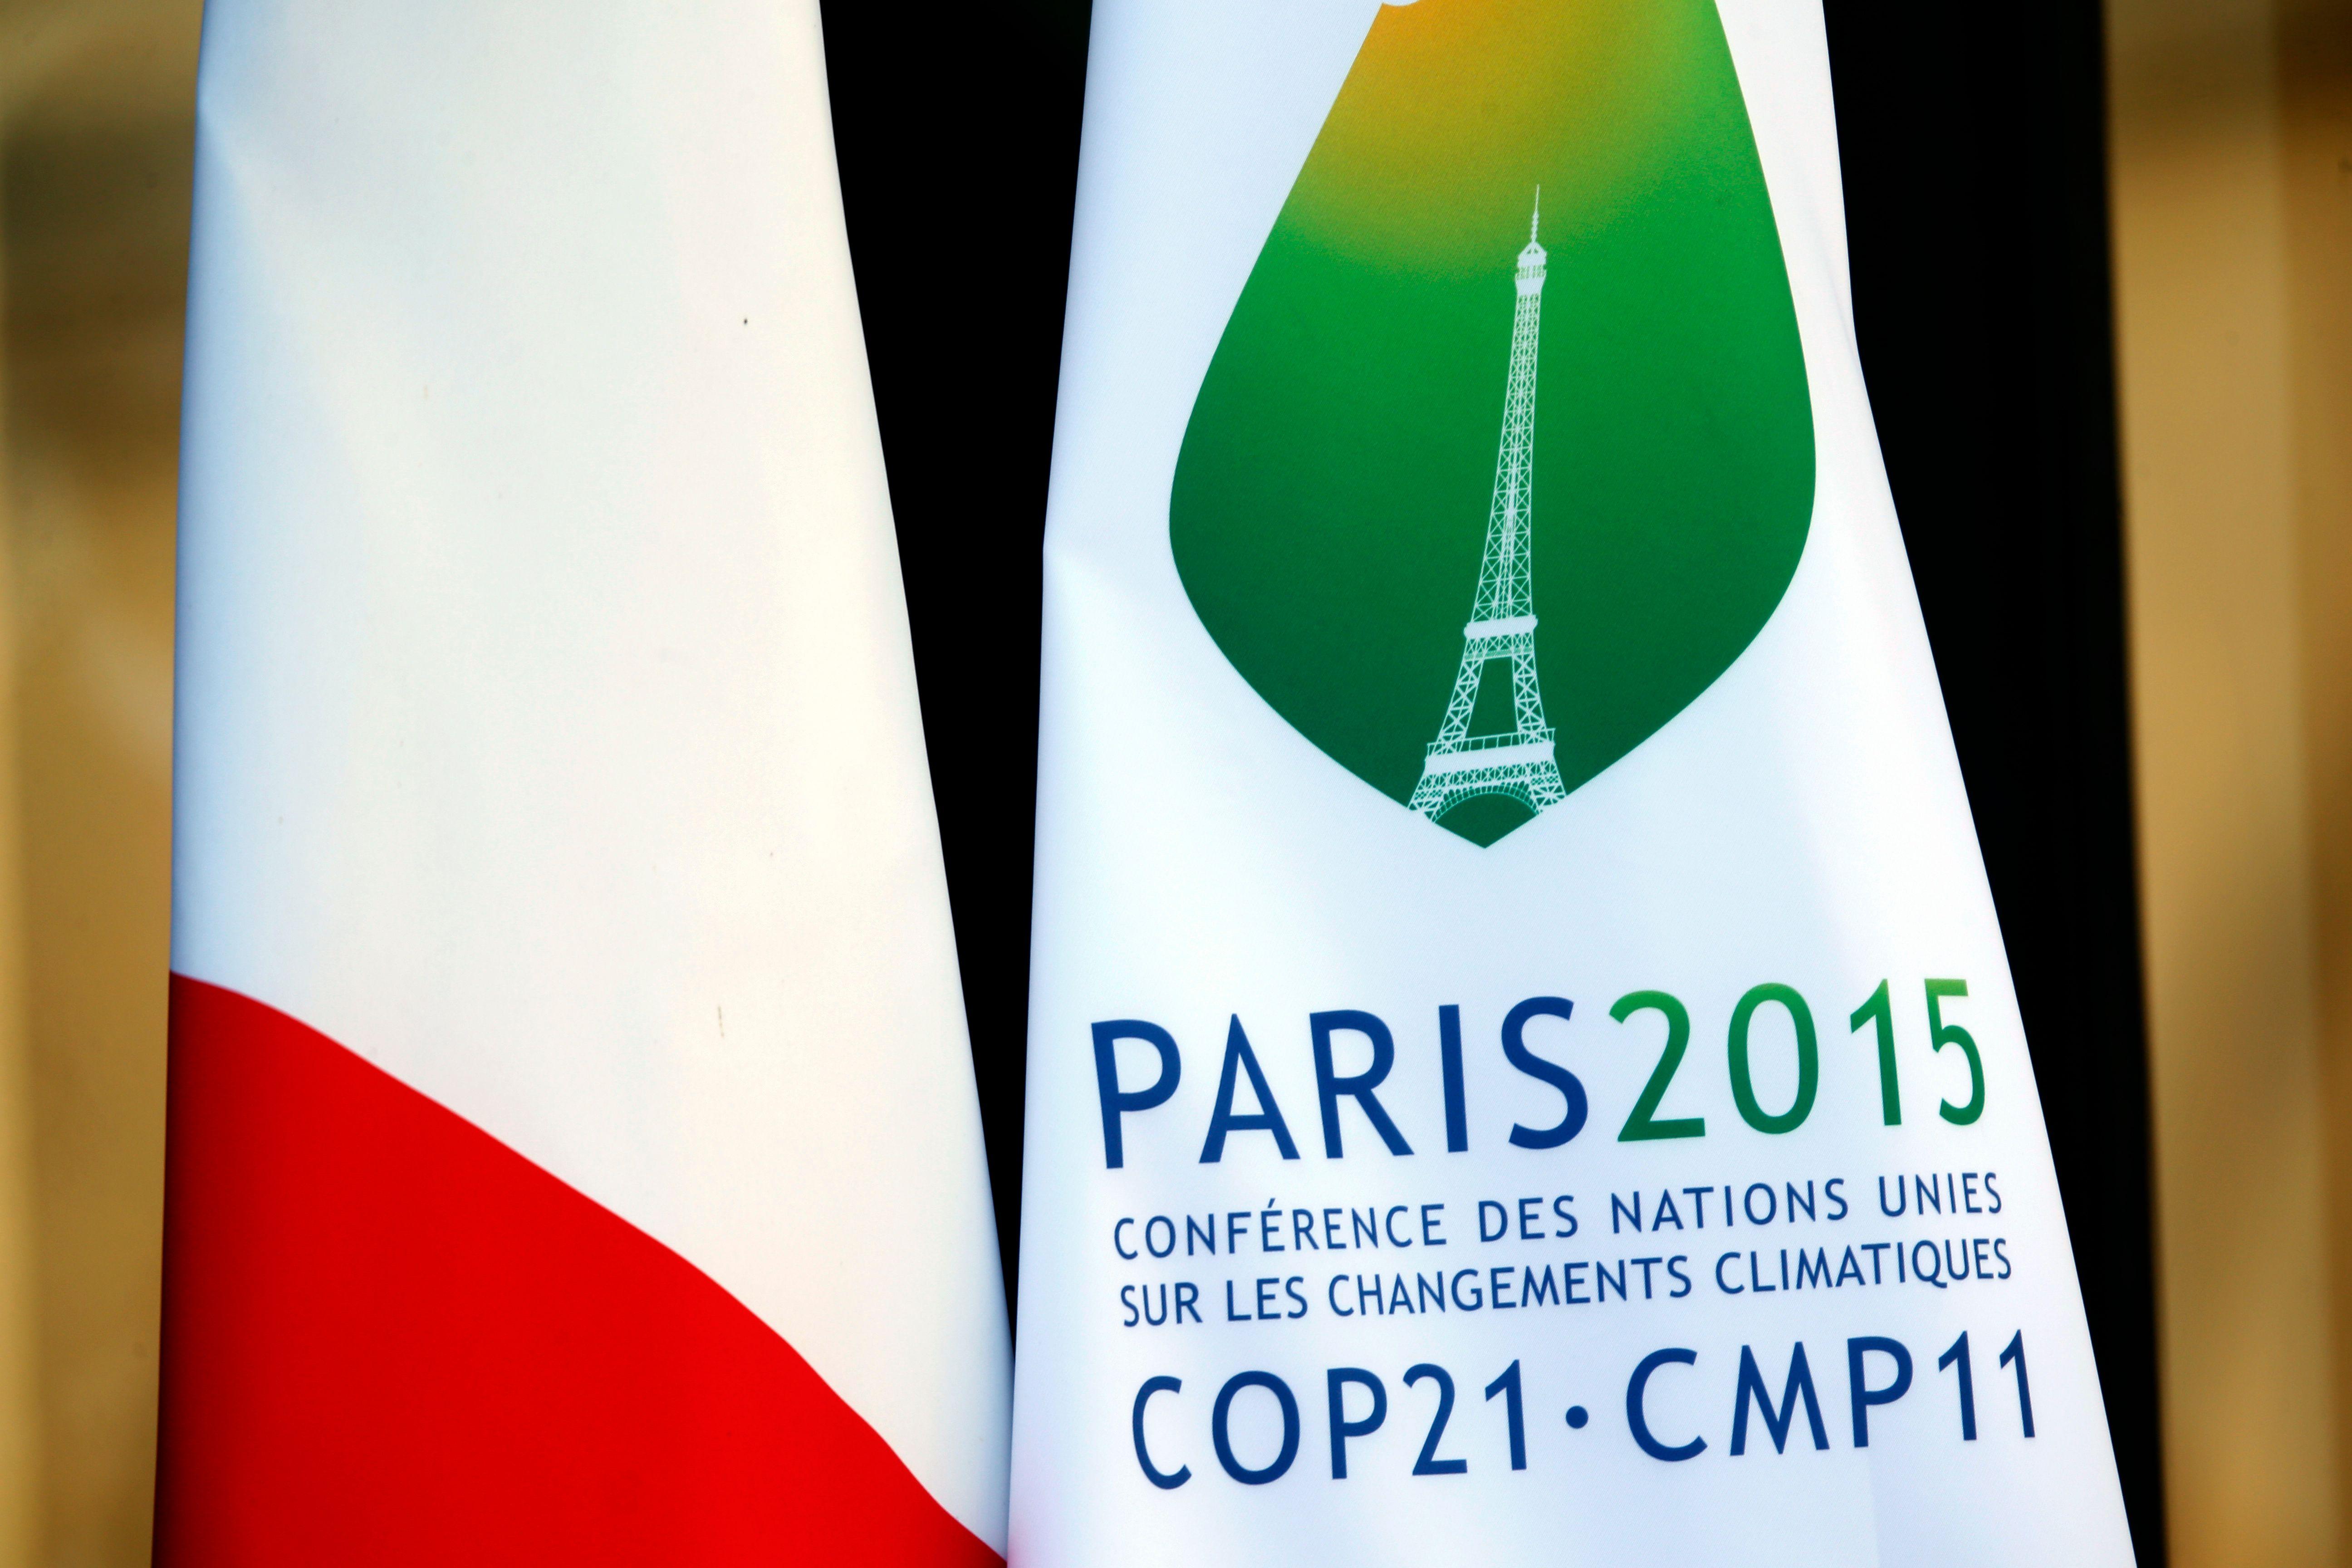 François Hollande était en voyage en Chine les 2 et 3 novembre afin de rencontrer son homologue Xi Jinping, dans le cadre de la COP 21.